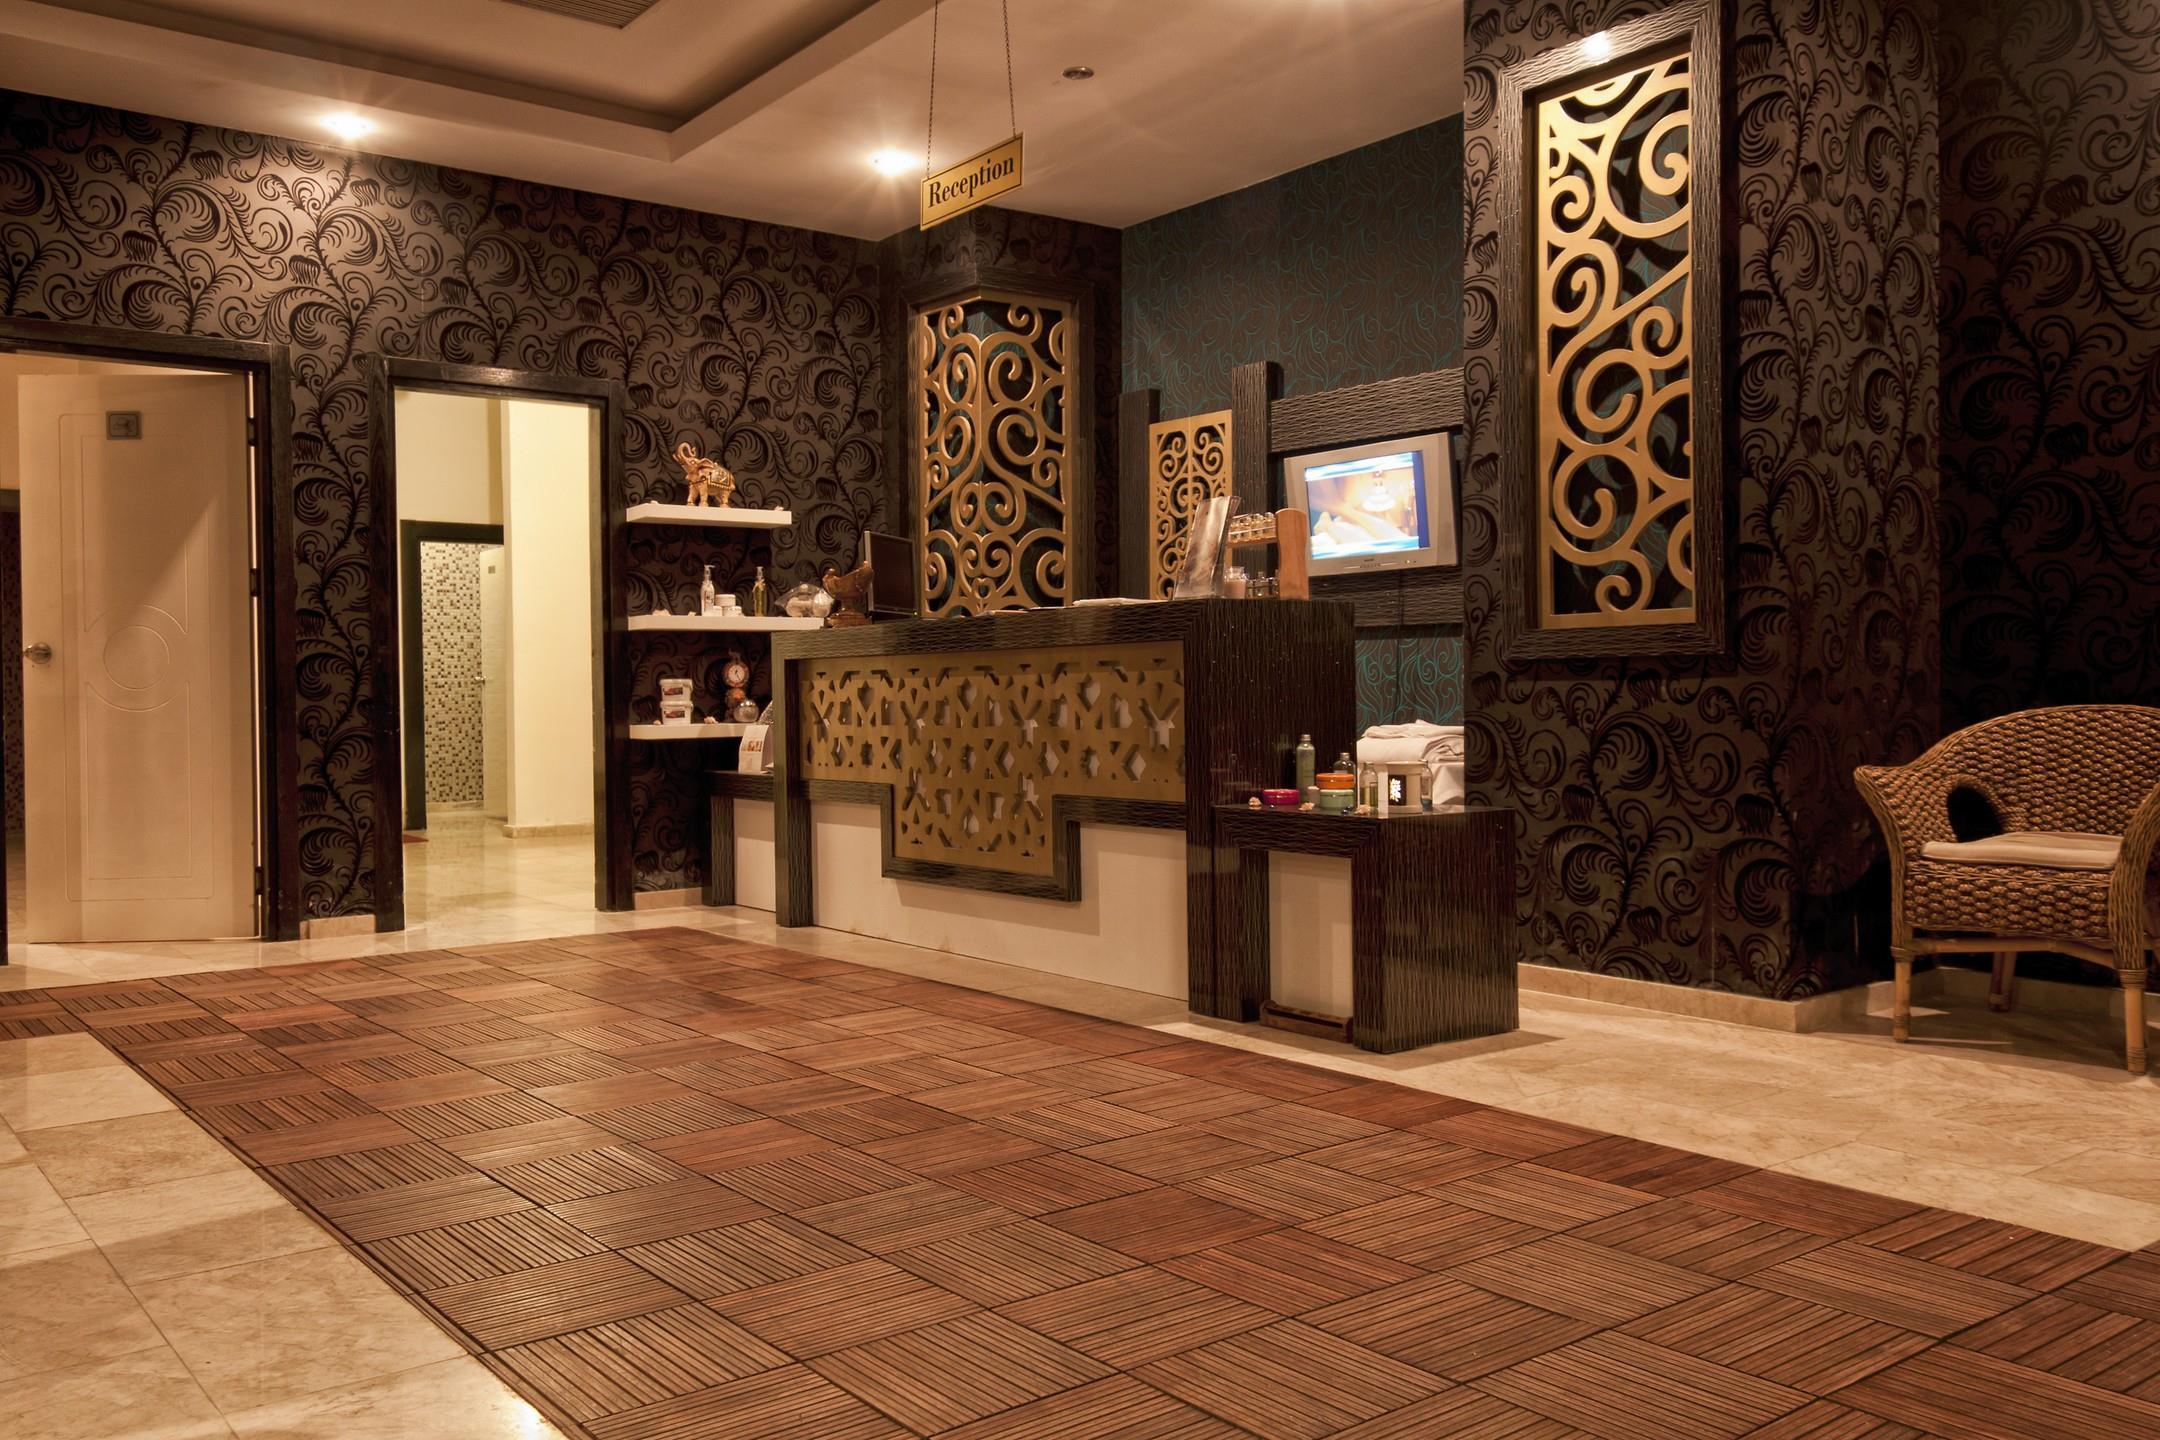 Vuni Palace Hotel205192